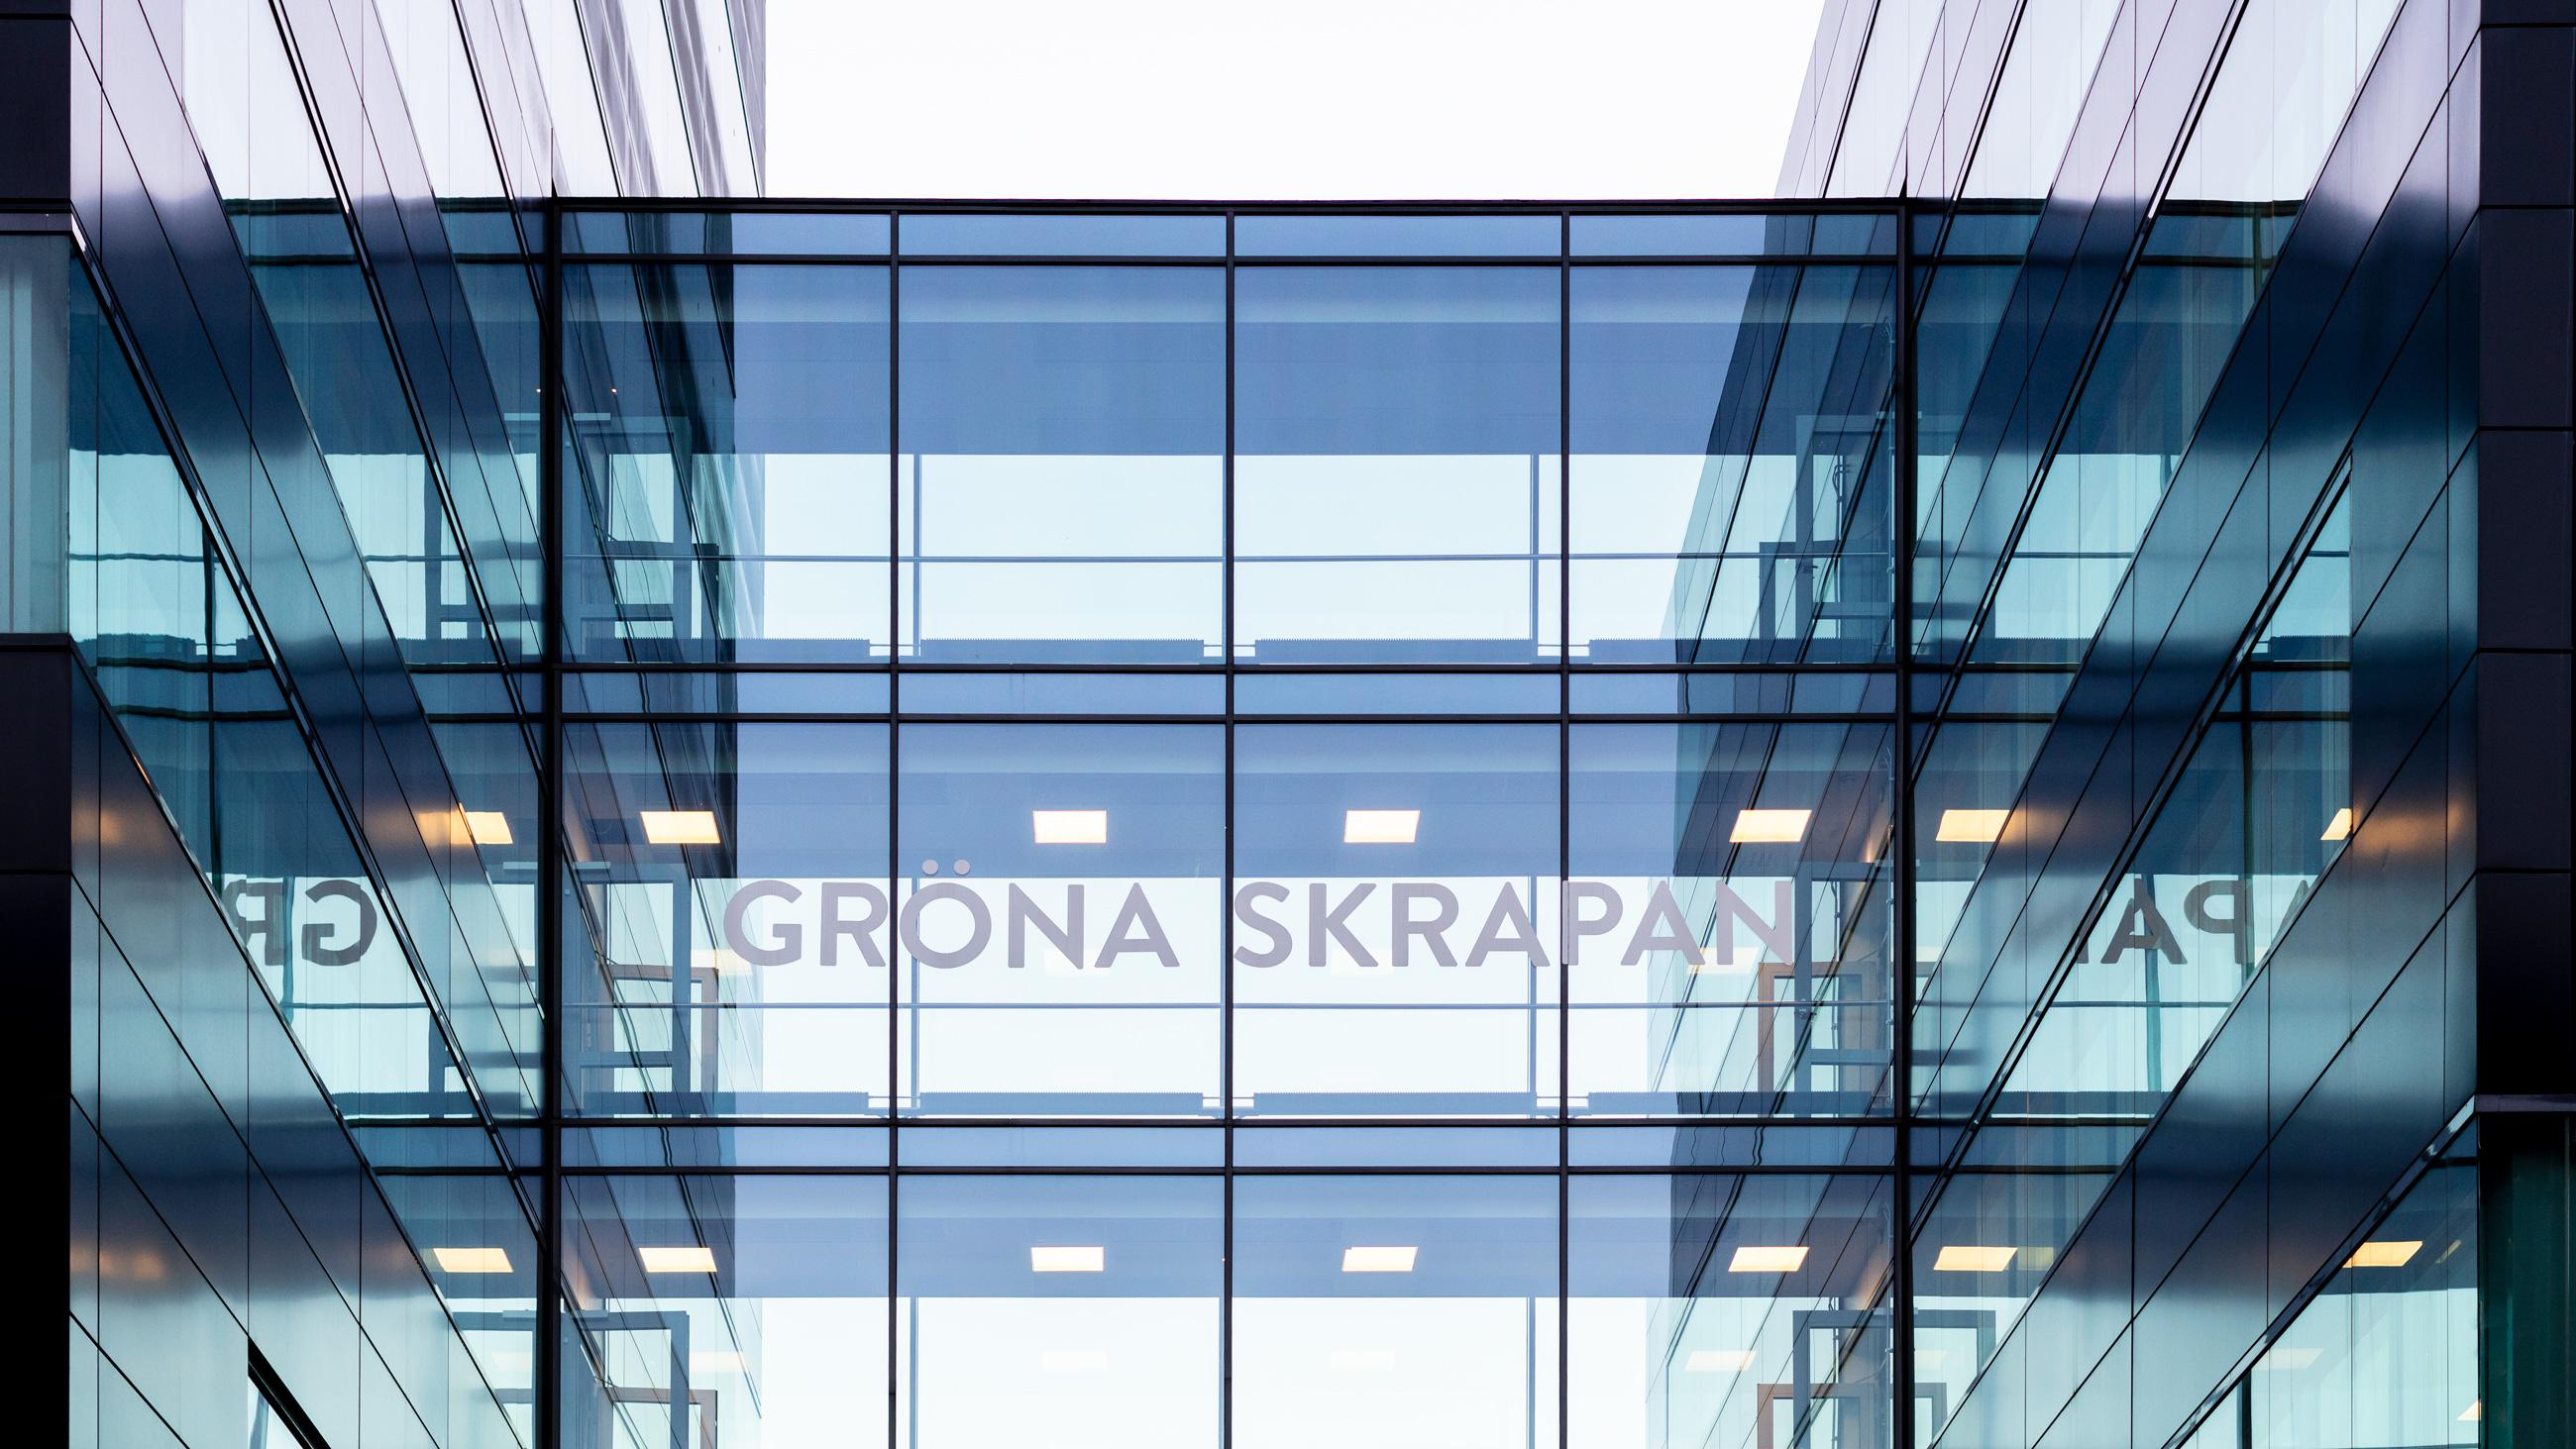 Gårda_Konferens_D4A8884_250918